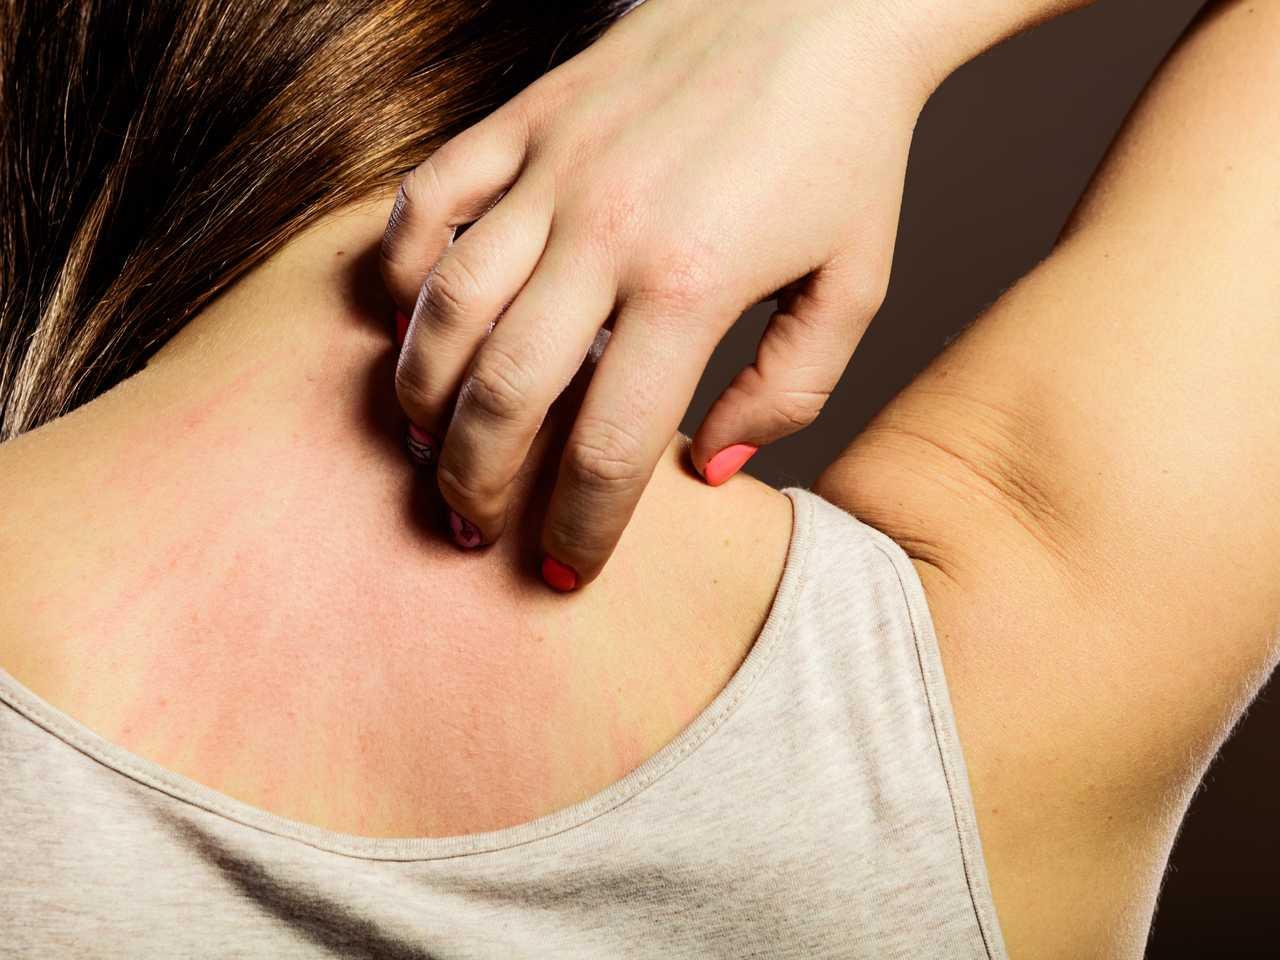 6 triệu chứng nhận biết làn da của bạn đang gặp vấn đề, cần quan tâm chăm sóc kỹ càng hơn - Ảnh 3.